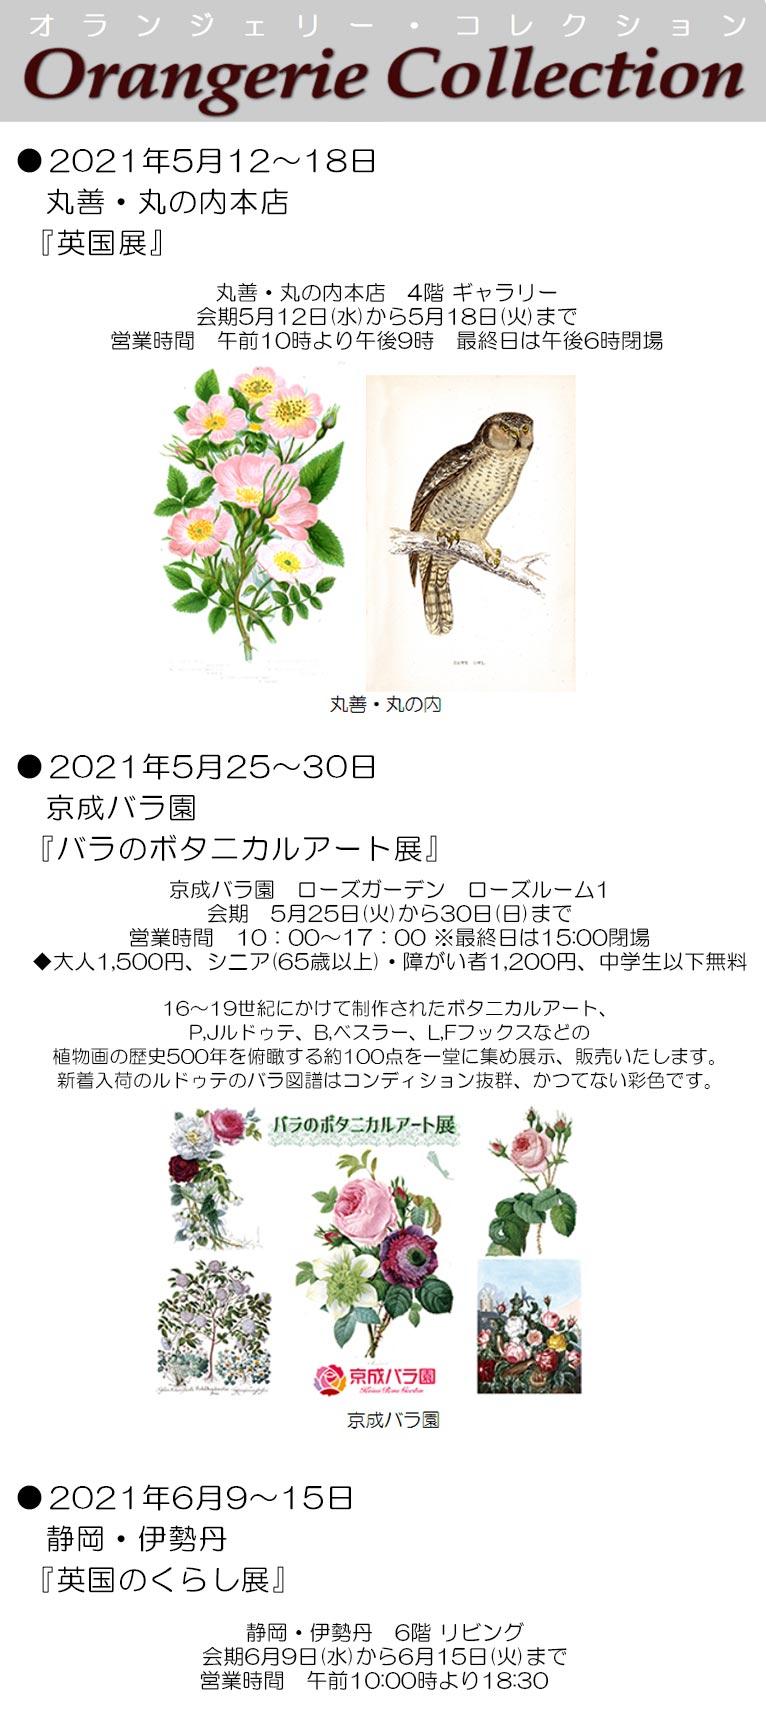 2021年5月12~18日丸善・丸の内本店『英国展』 5月25~30日京成バラ園『バラのボタニカルアート展』 6月9~15日静岡・伊勢丹『英国のくらし展』 植物画を展示販売します! オランジェリー・コレクション